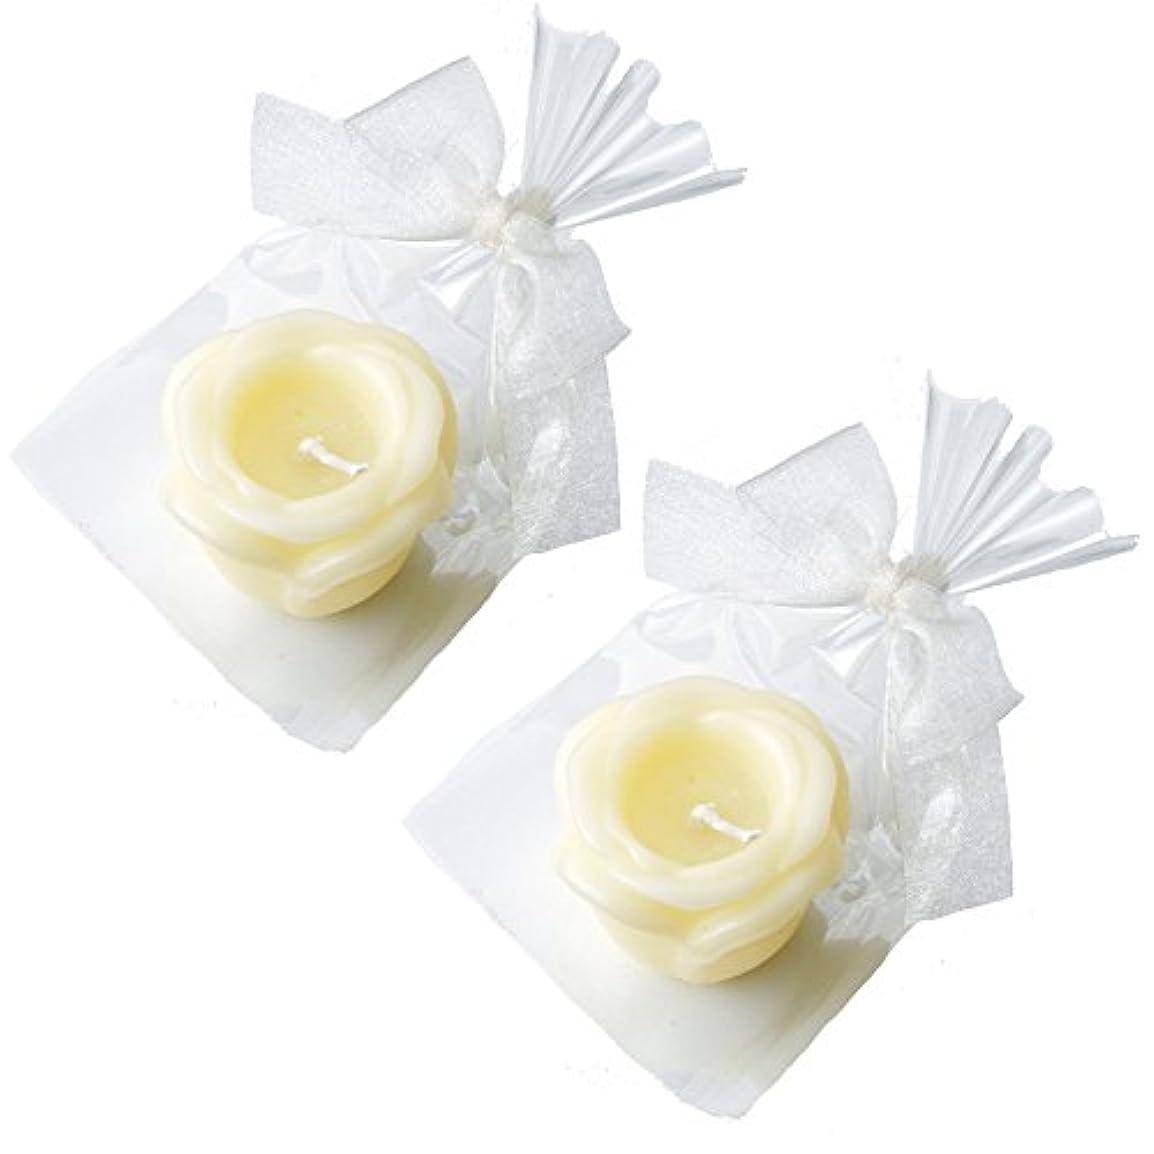 瞑想するテープ小学生カメヤマキャンドルハウス プチラビアンローズキャンドル 1個入 ローズの香り アイボリー ×2個セット